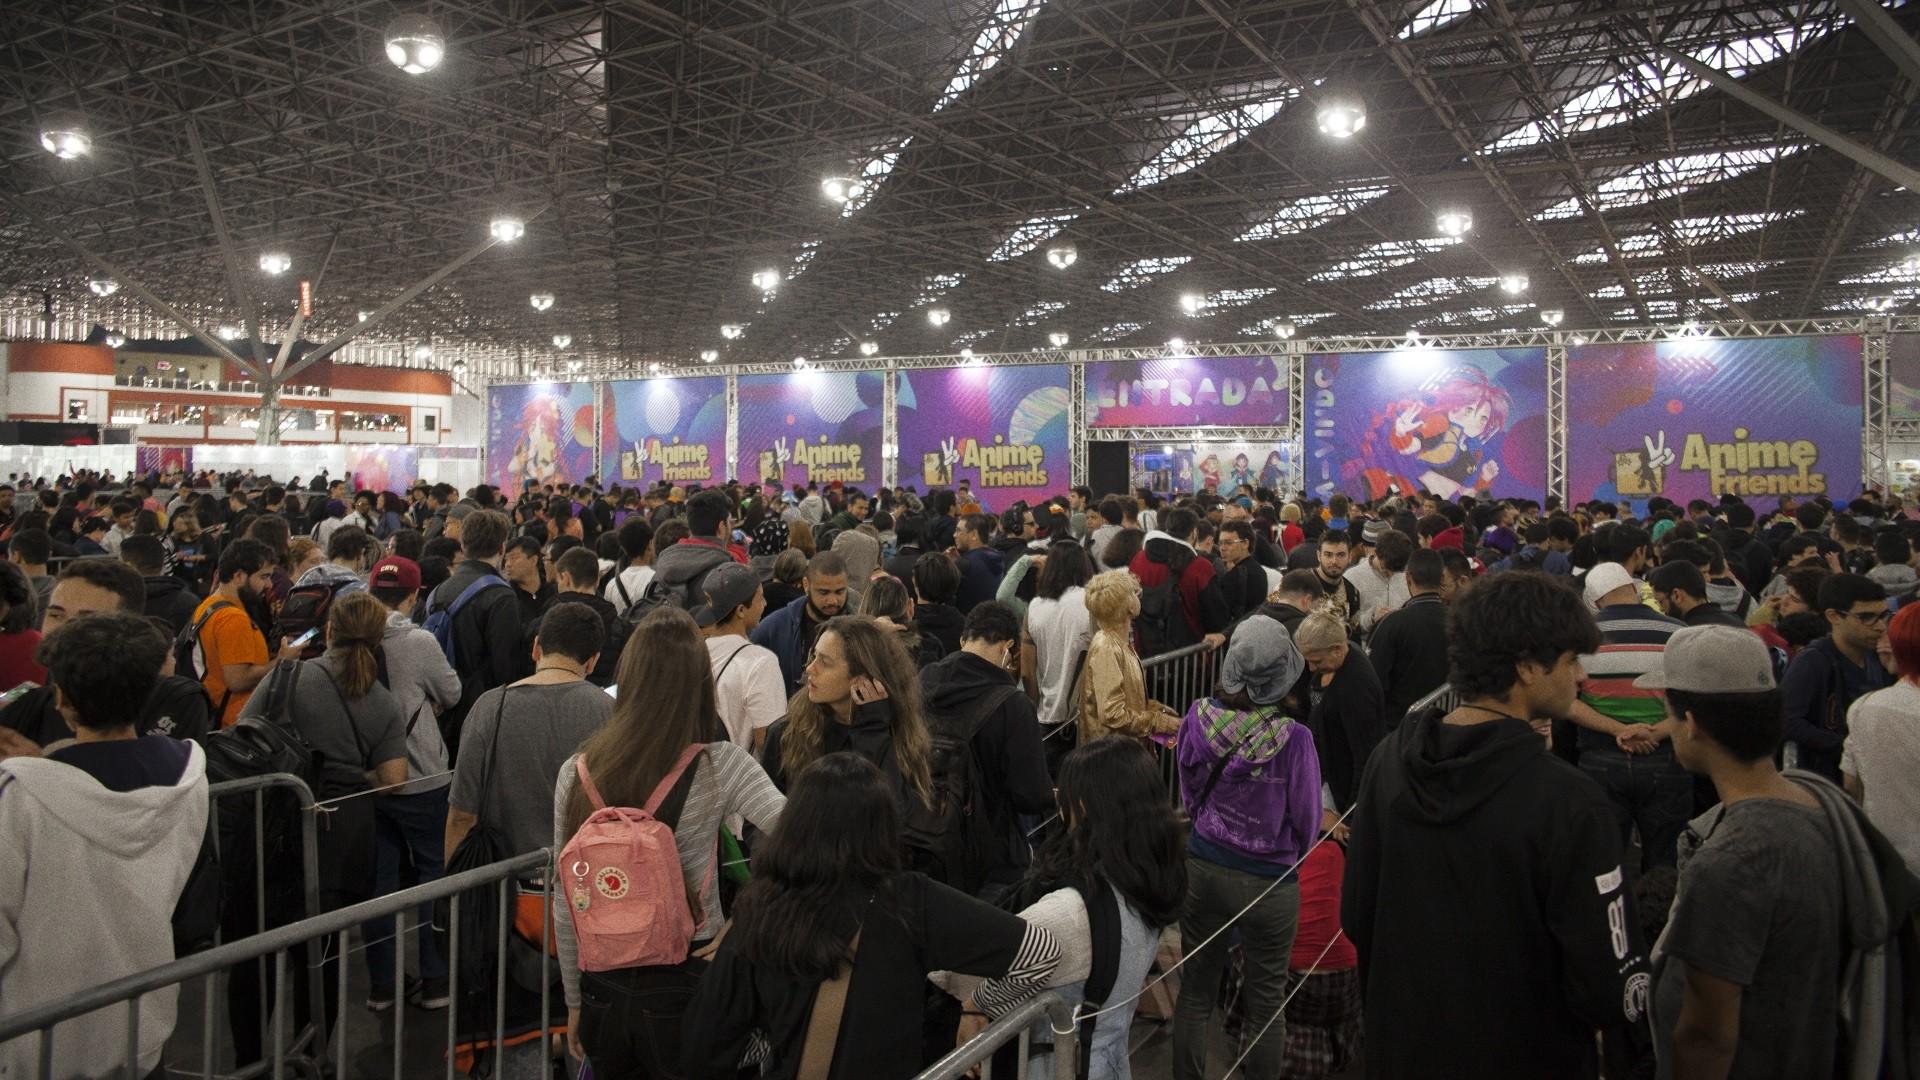 Anime Friends 2019 leva 60 mil pessoas ao Anhembi; veja FOTOS - Notícias - Plantão Diário